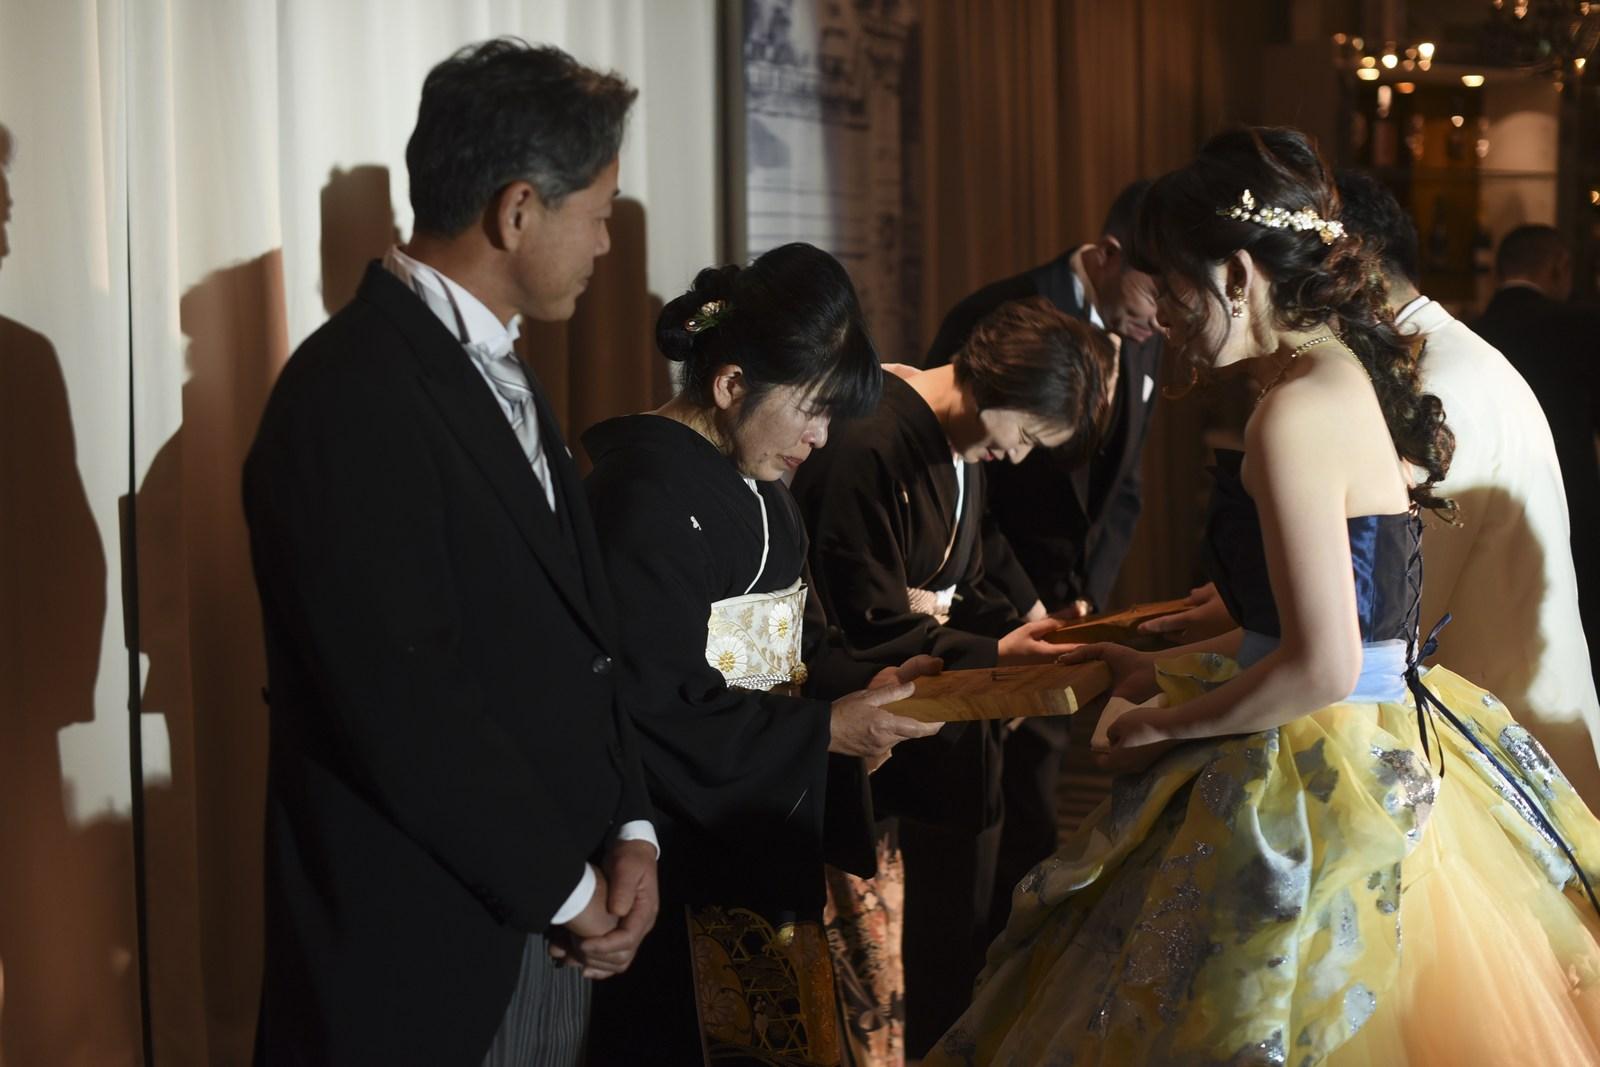 徳島市の結婚式場ブランアンジュで感謝の記念品贈呈をする新郎新婦様